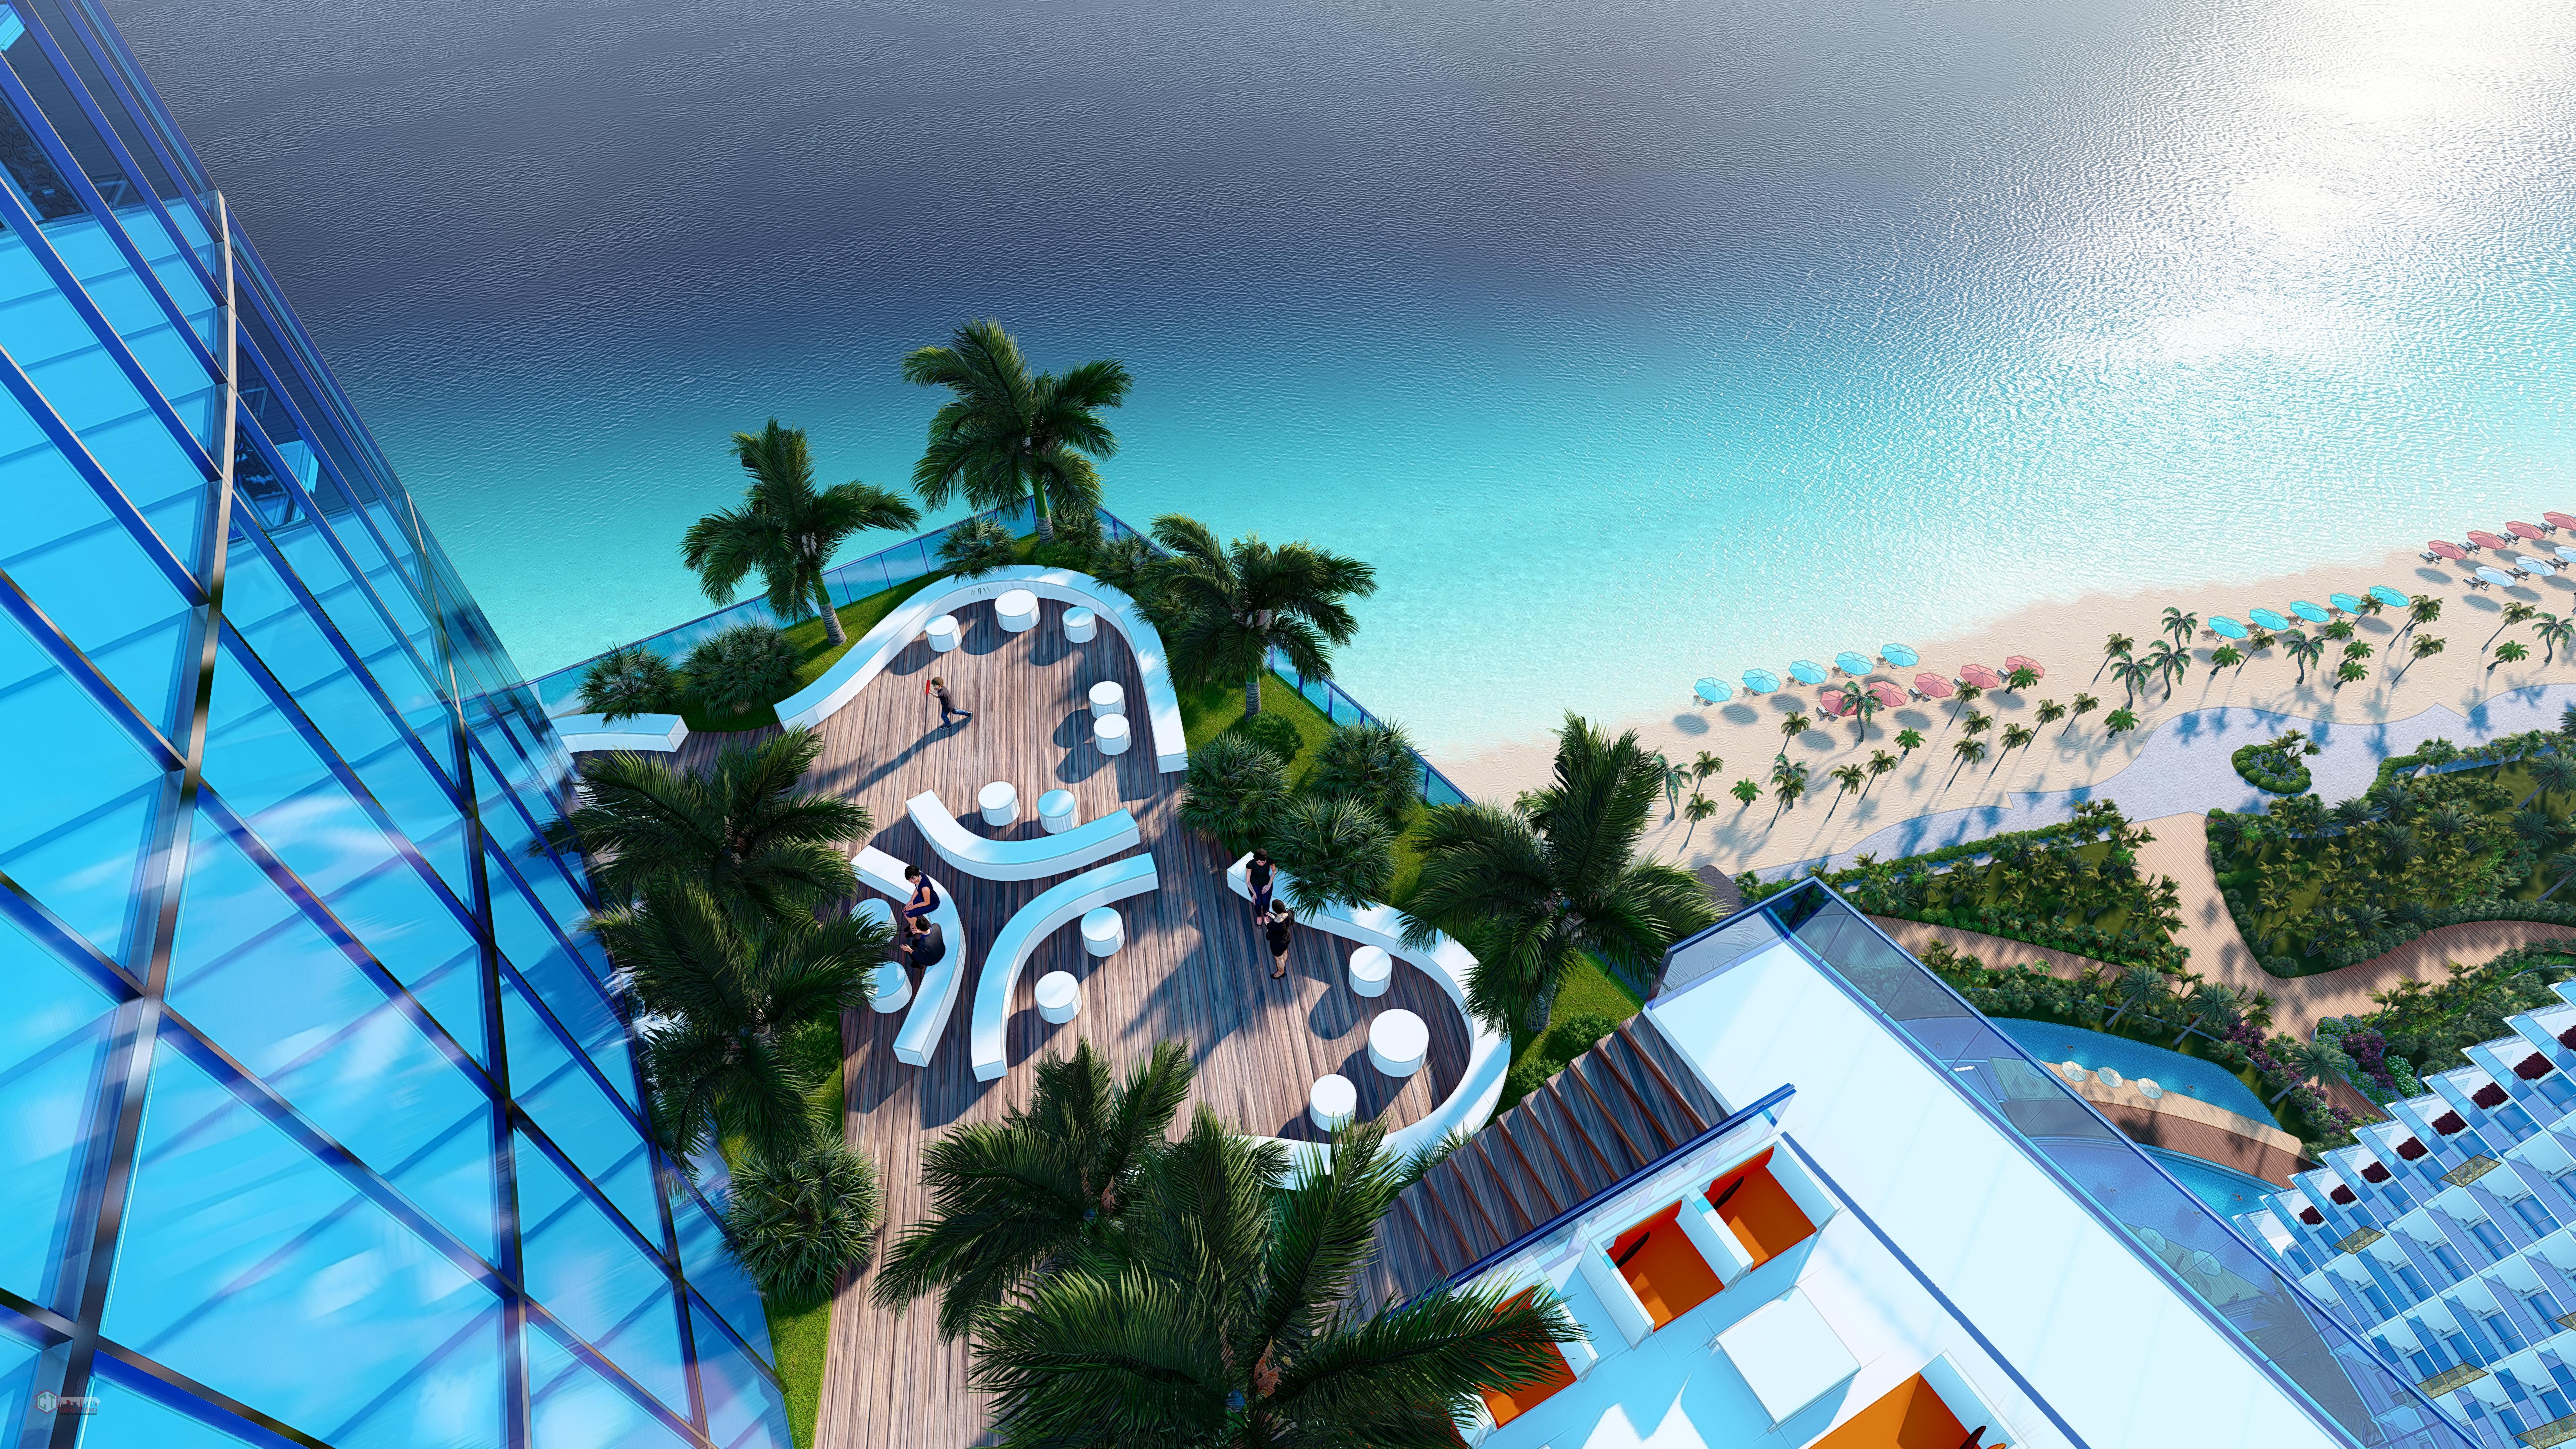 Kiến trúc Sunbay Park sẽ tạo sức hút và phát triển du lịch tại Phan Rang